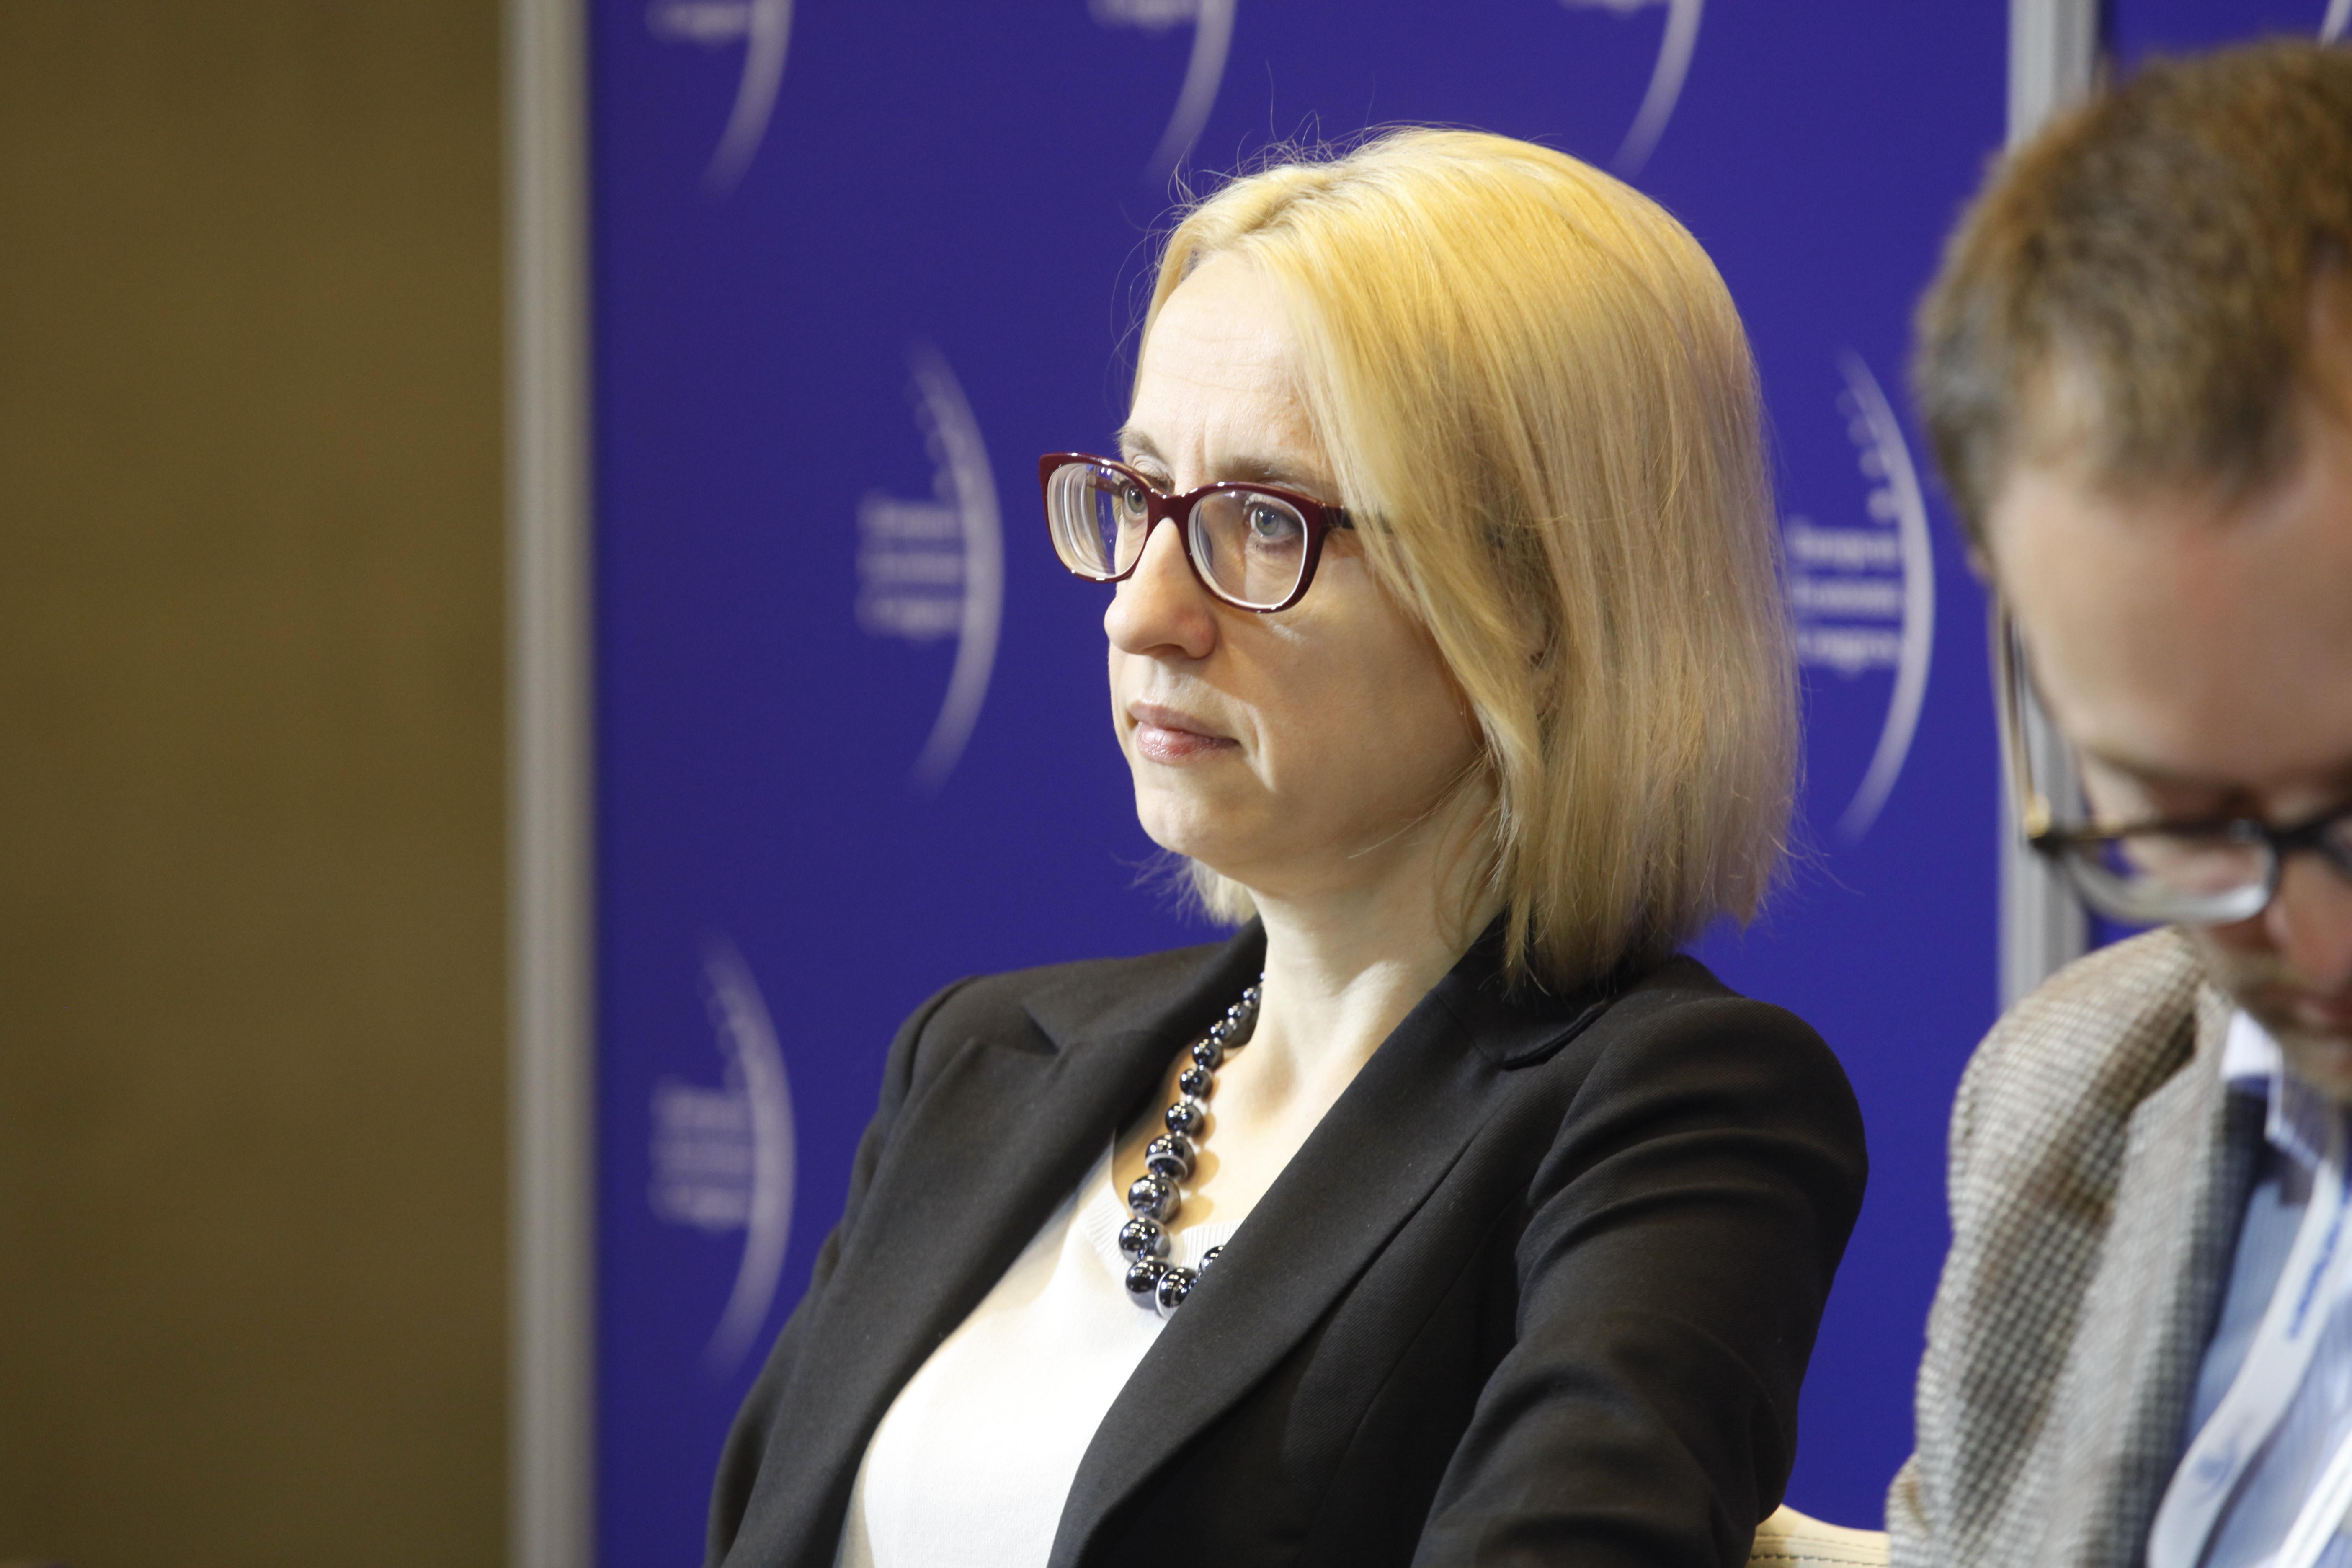 Dr hab. Teresa Czerwińska, podsekretarz stanu w Ministerstwie Nauki i Szkolnictwa Wyższego. (fot. PTWP)